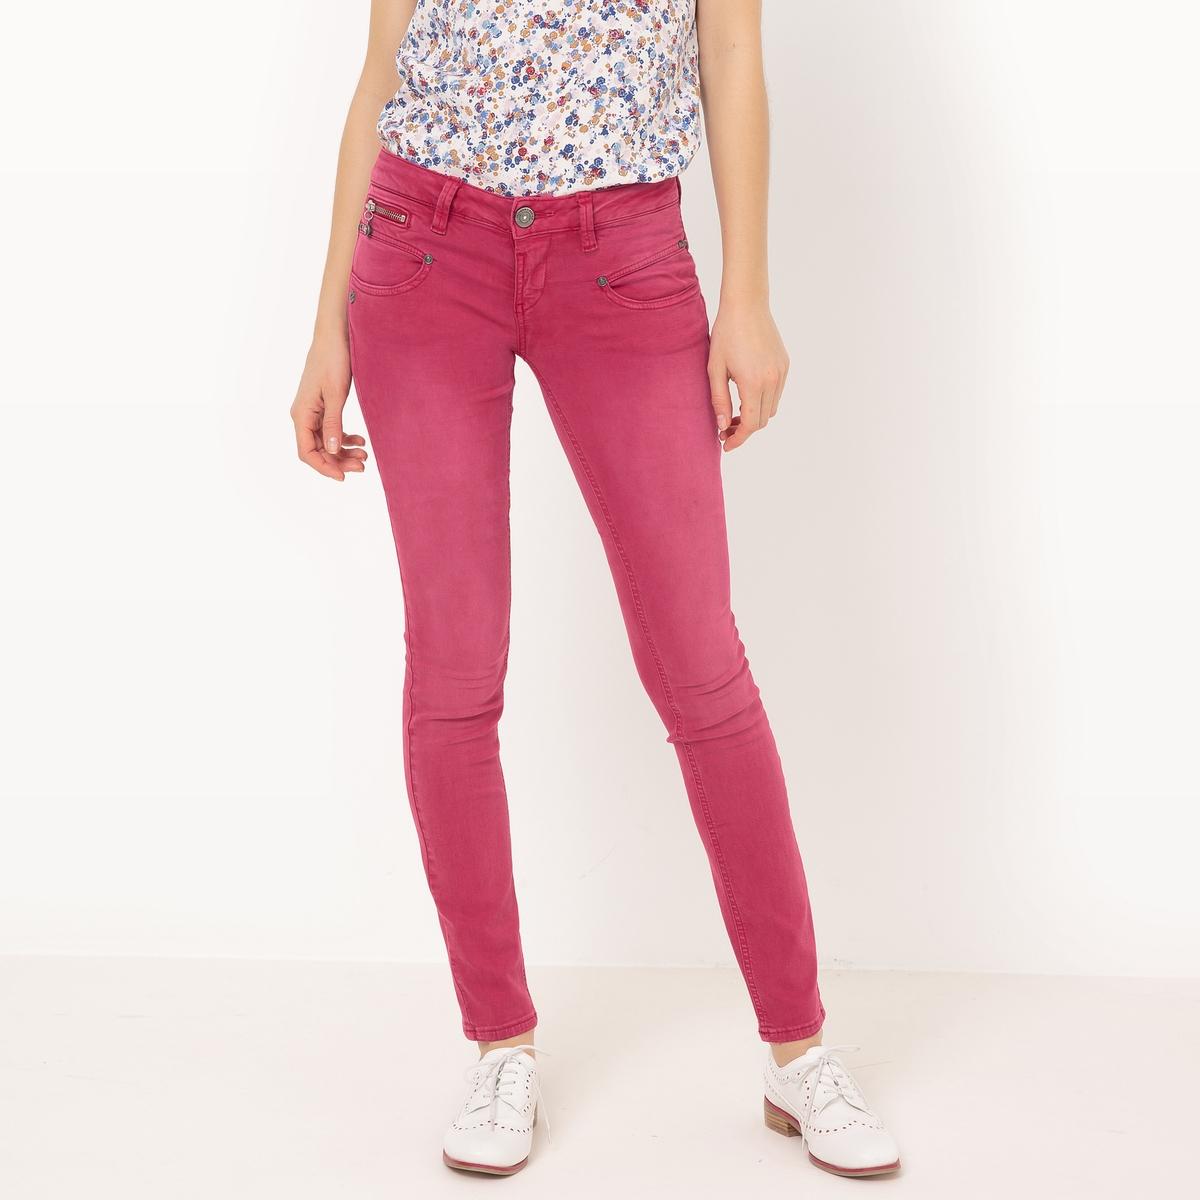 Джинсы оригинальныеМатериал : 62% хлопка, 3% эластана, 29% лиоцелла, 6% полиэстера  Высота пояса : стандартная Покрой джинсов : узкий Длина джинсов : длина 32<br><br>Цвет: малиновый